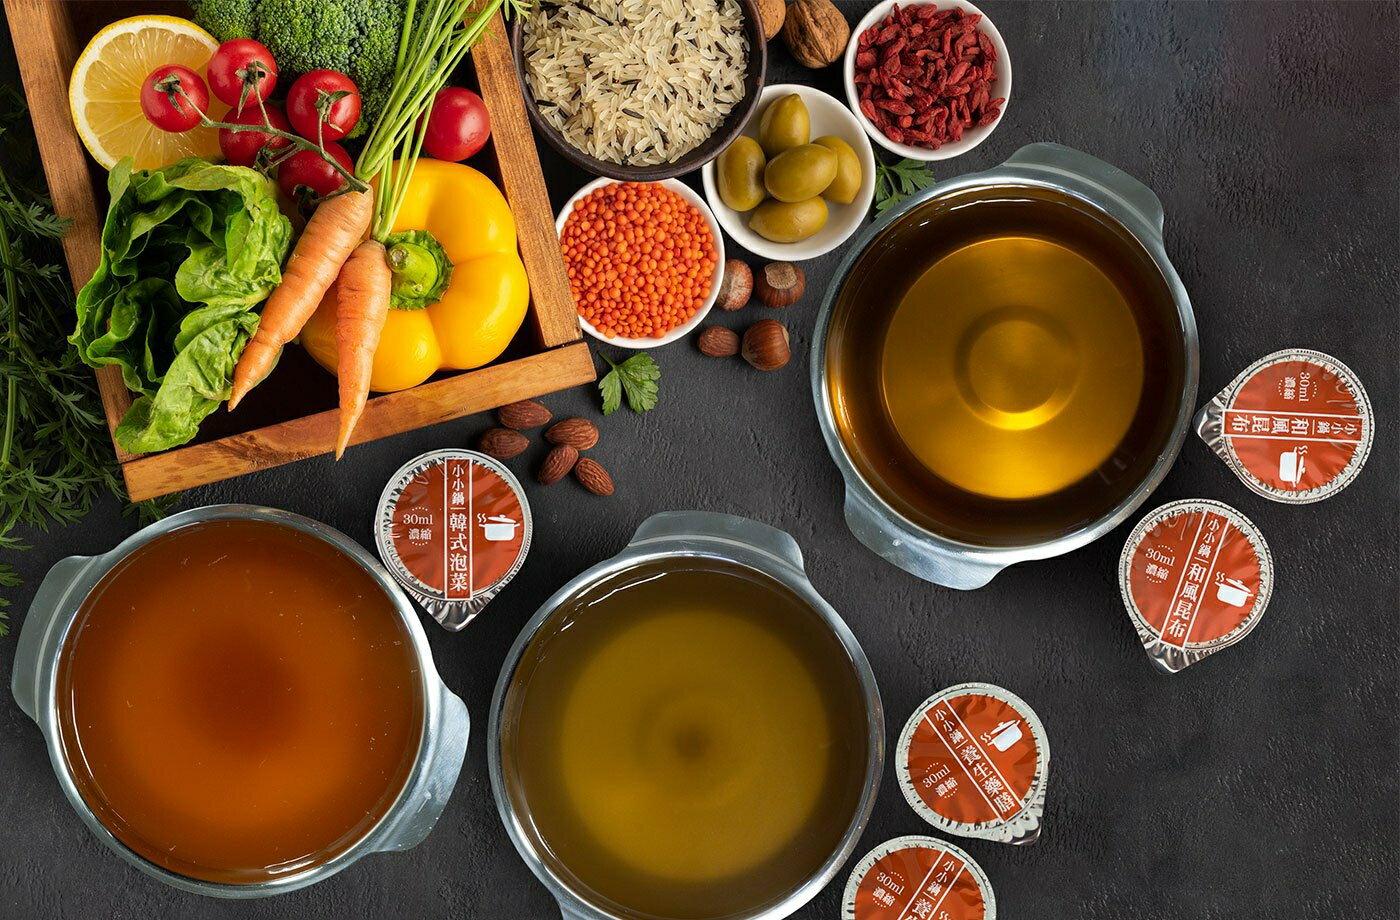 老魯記 韓式泡菜湯膠囊 30g/顆 :6顆/一包火鍋 湯